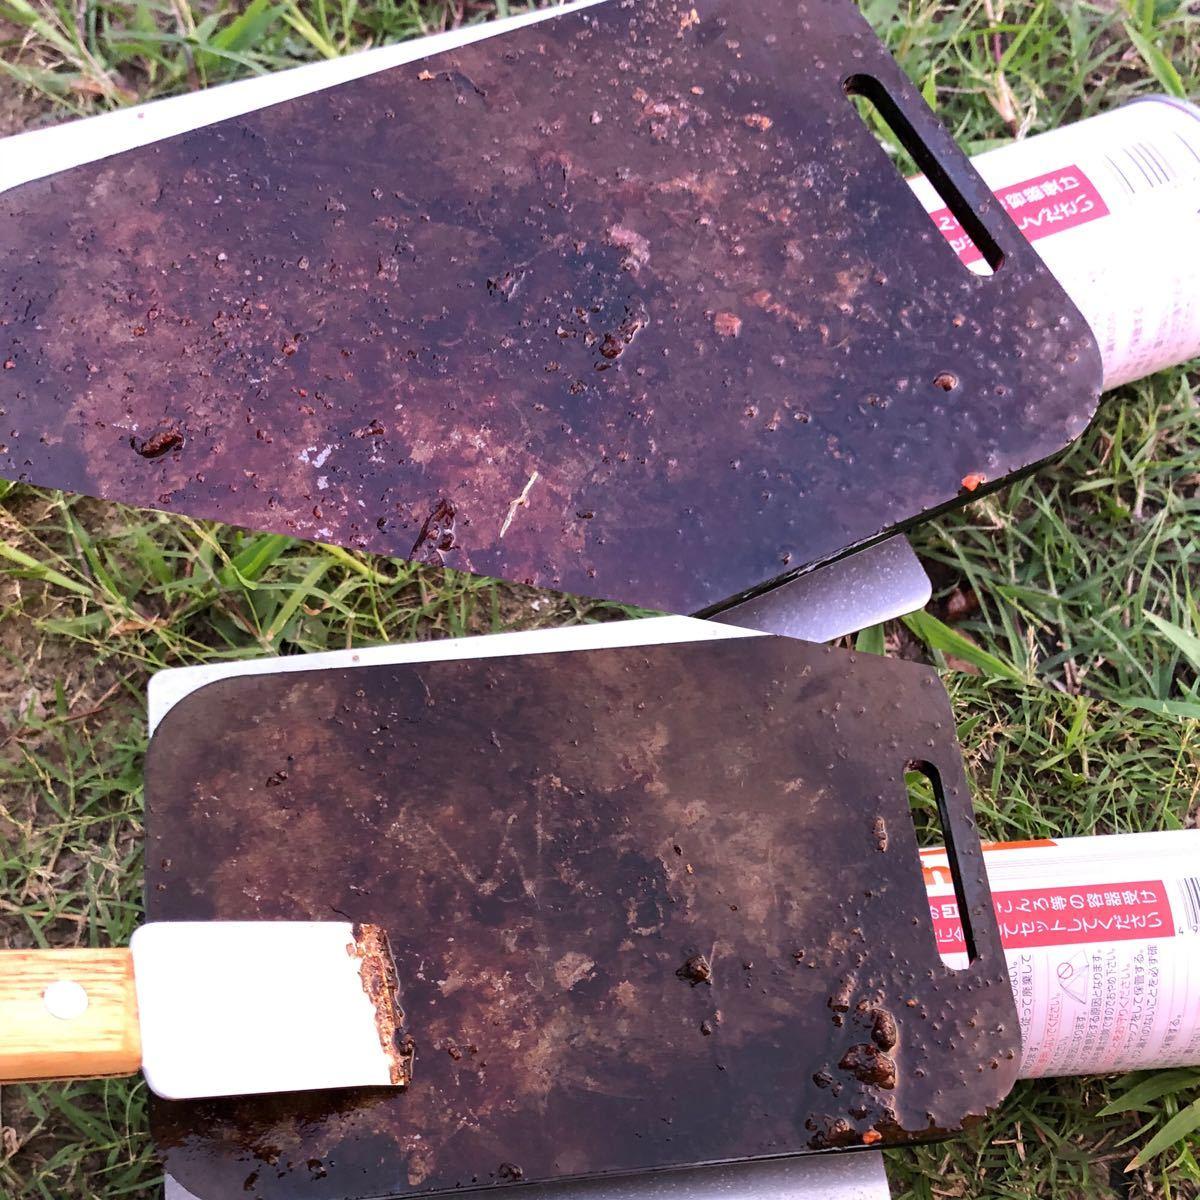 鉄板 トランギア ラージメスティン 黒皮鉄板6ミリ ミリキャンプ